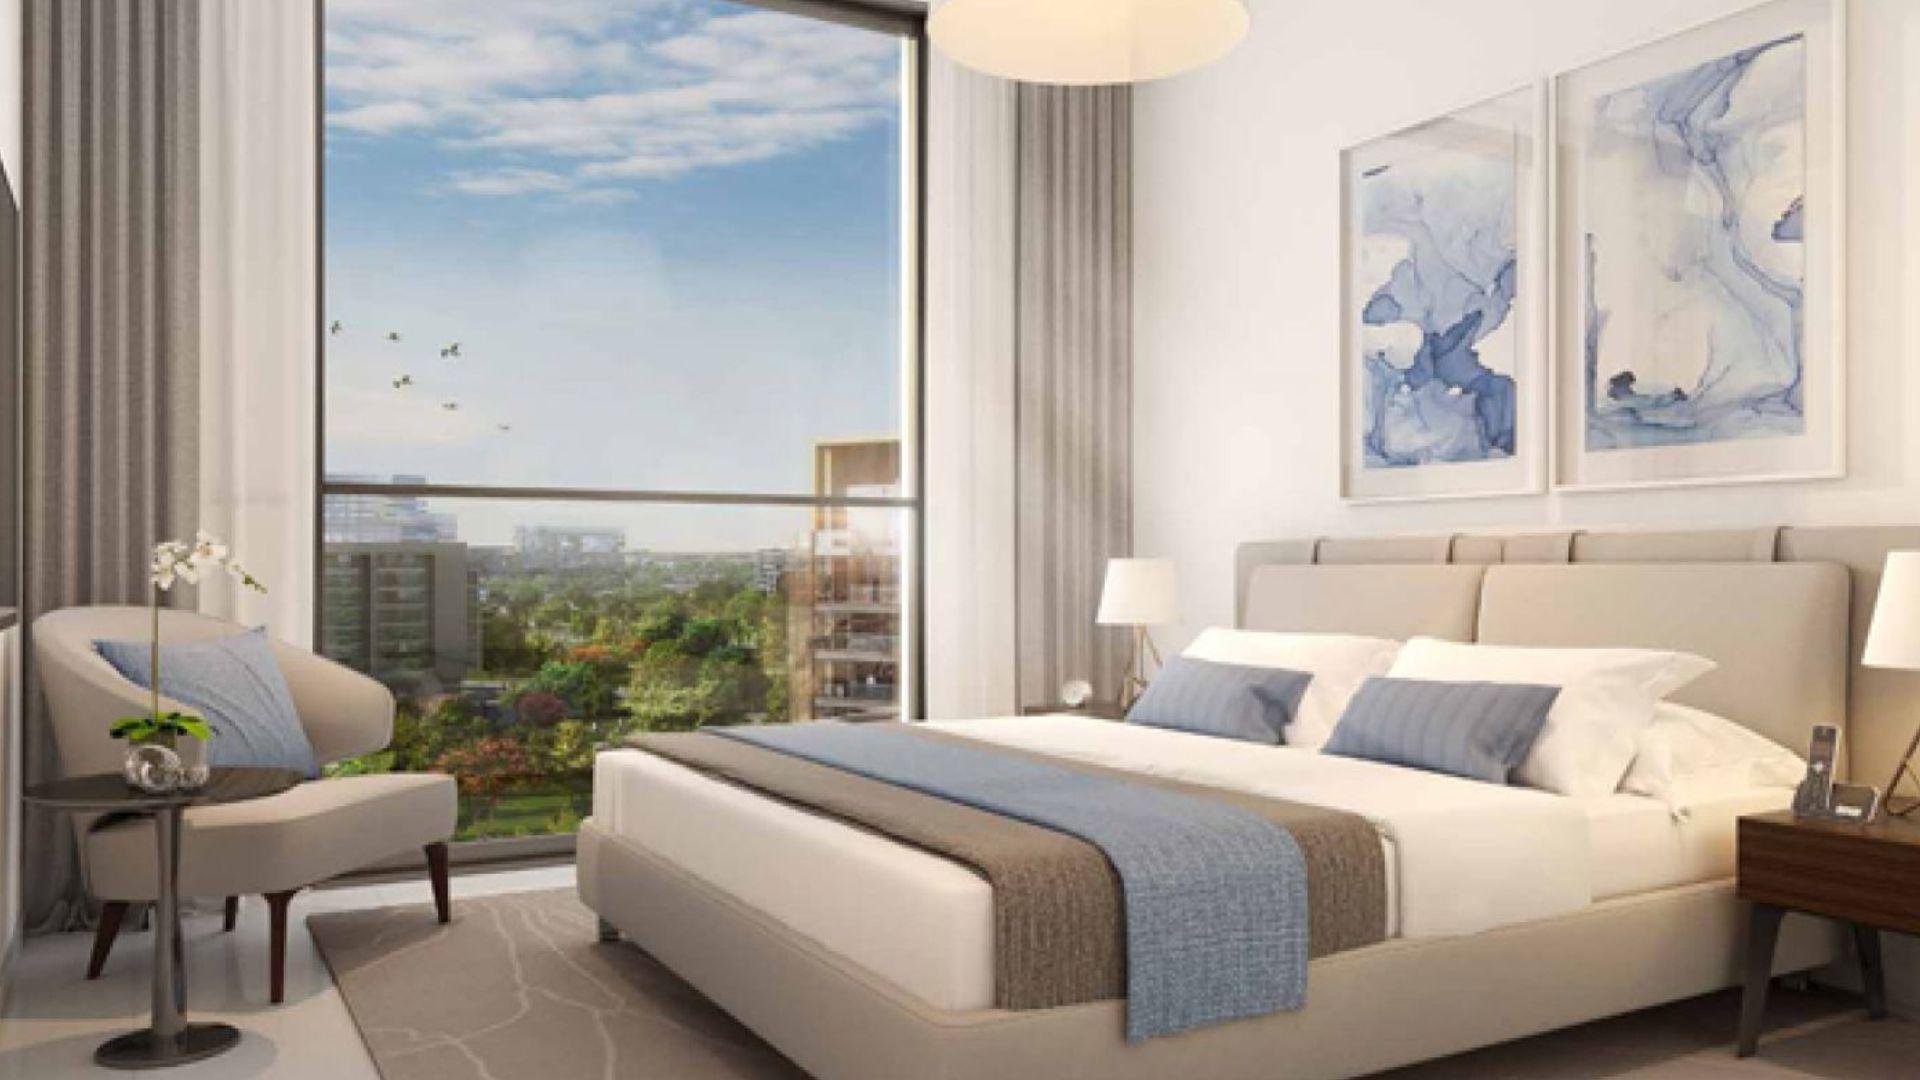 Apartamento en venta en Dubai, EAU, 3 dormitorios, 210 m2, № 24395 – foto 1